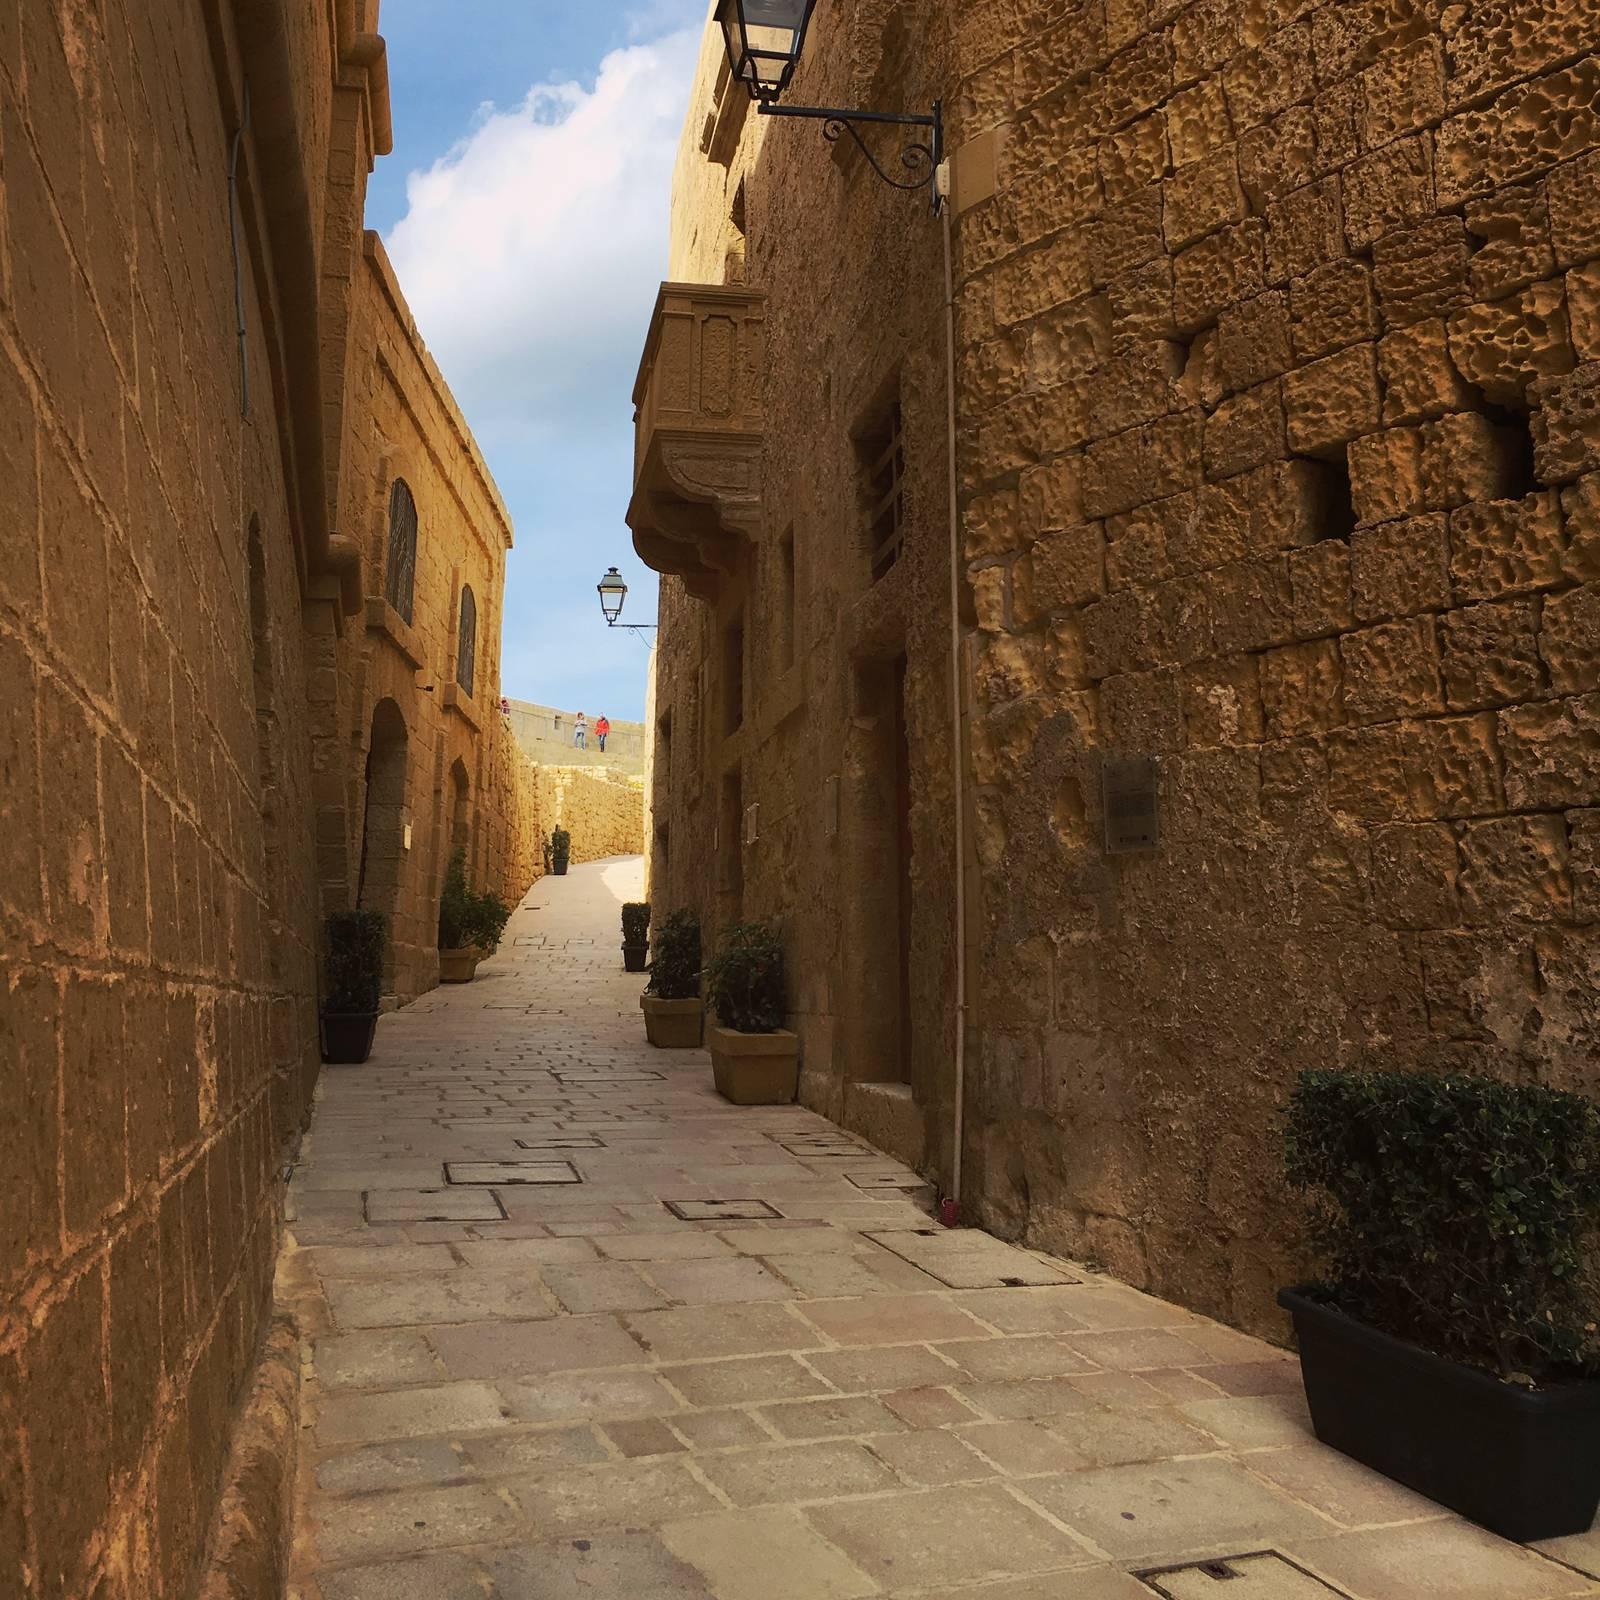 Alleyway in the Citadello, Victoria